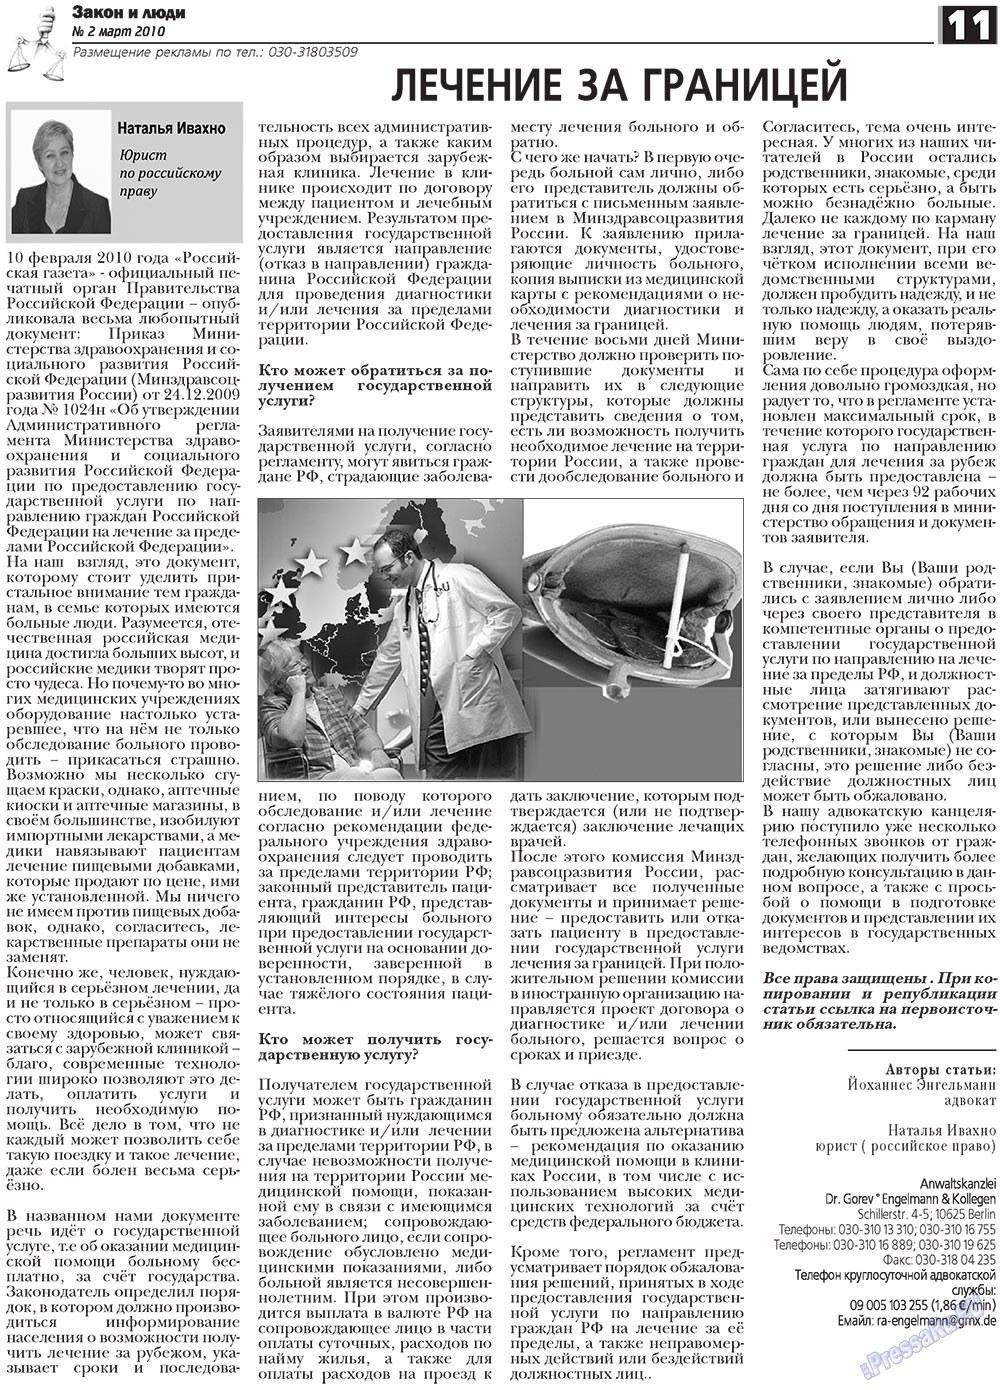 Закон и люди (газета). 2010 год, номер 2, стр. 11